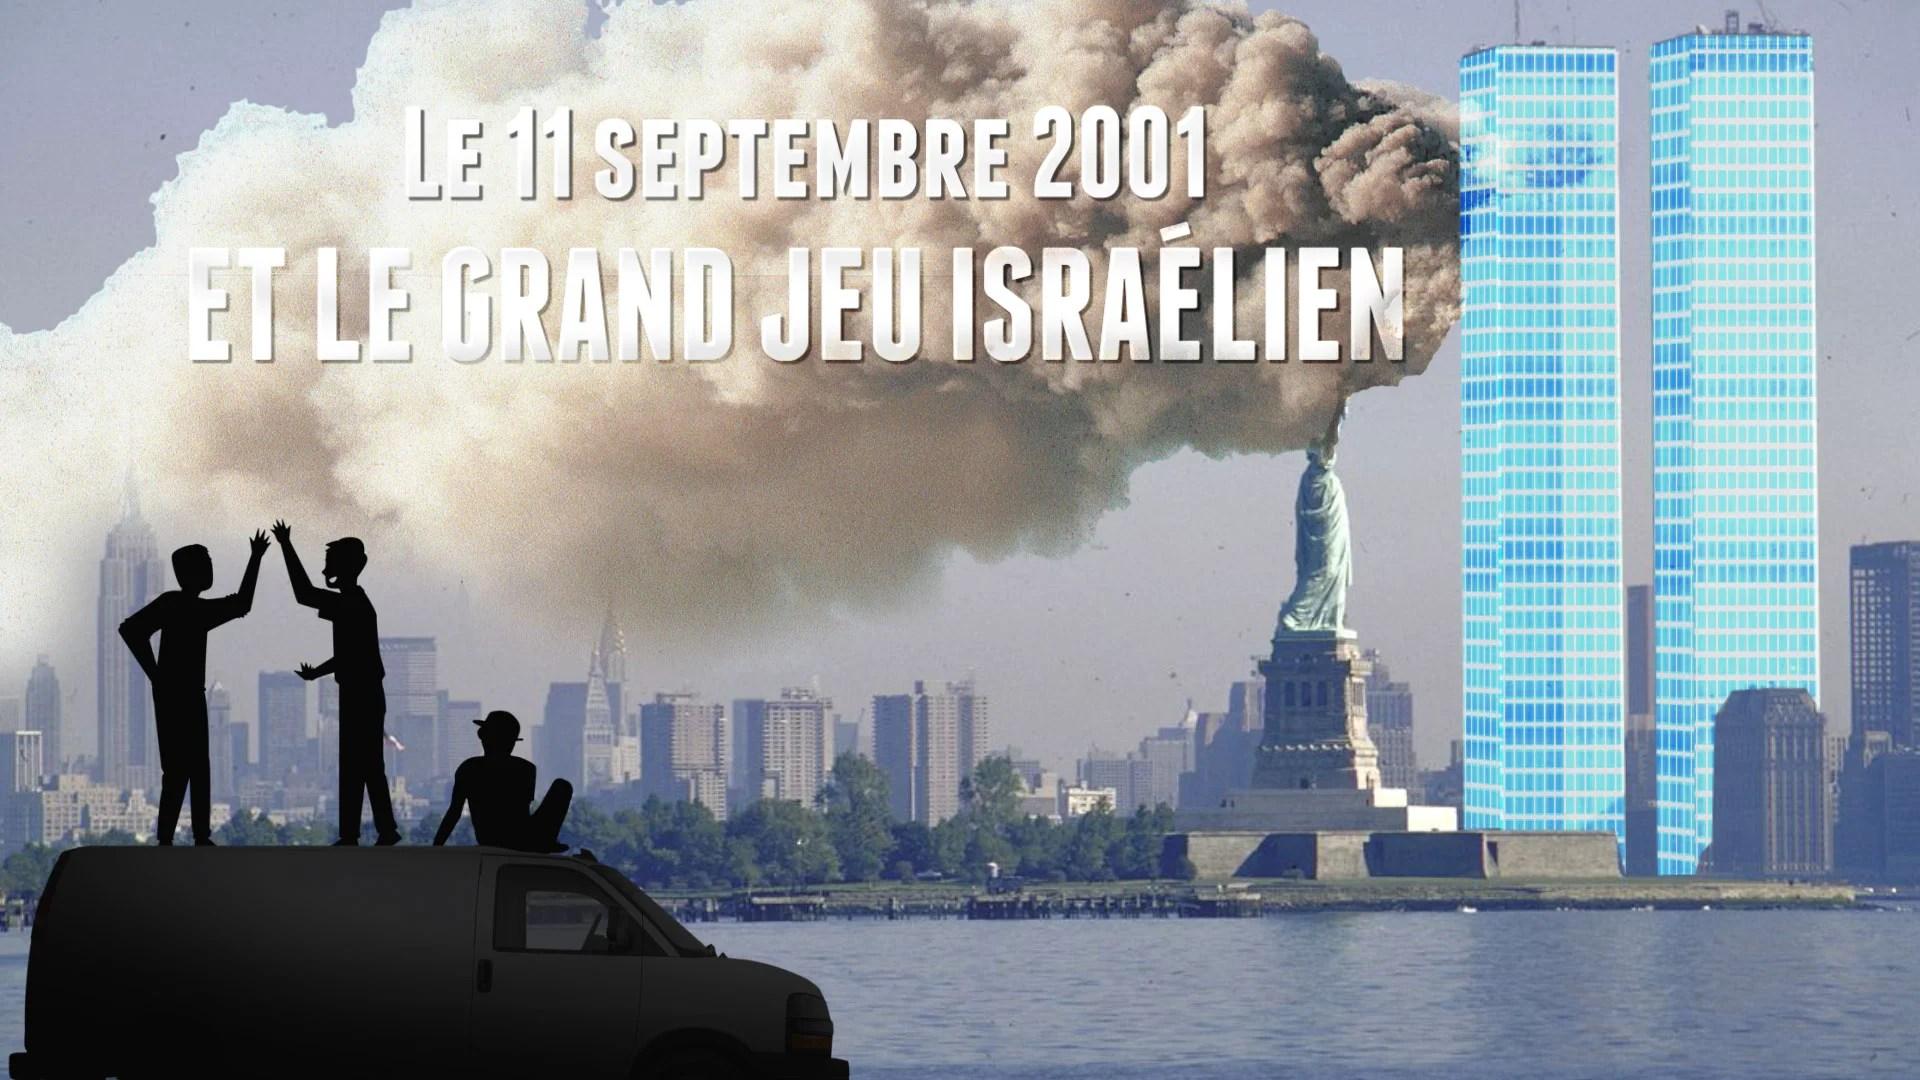 Le 11 septembre et le grand jeu israélien (extrait)